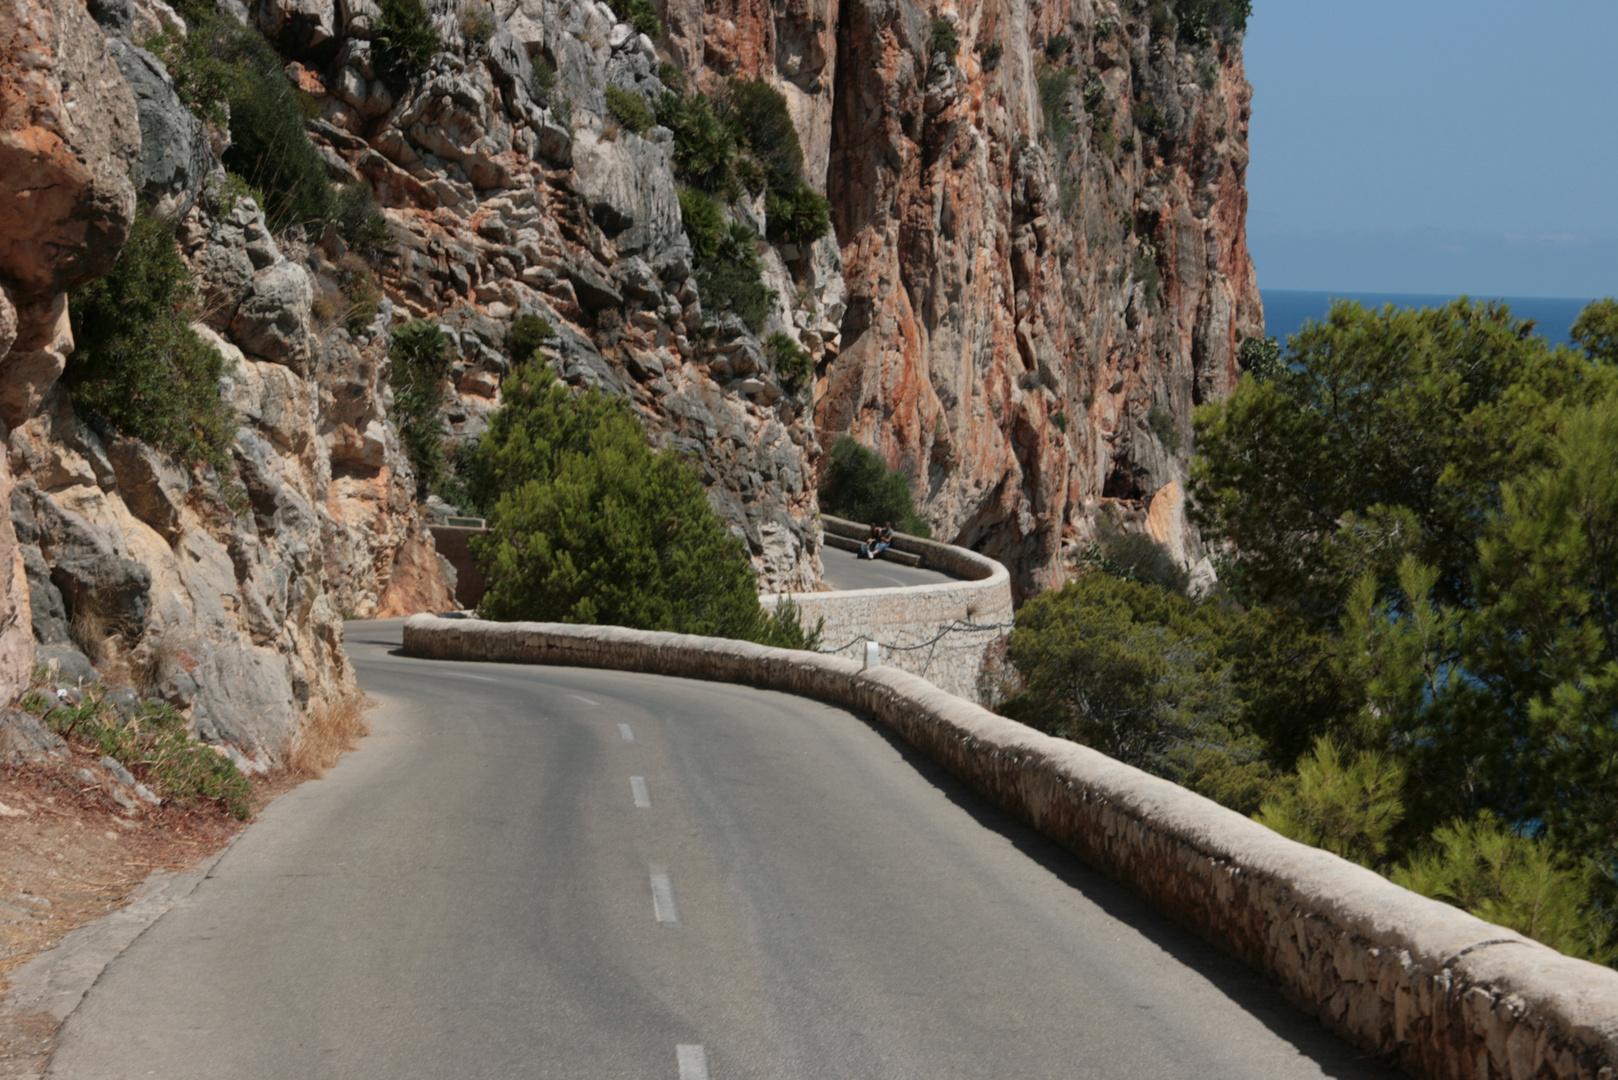 Fells Mallorca